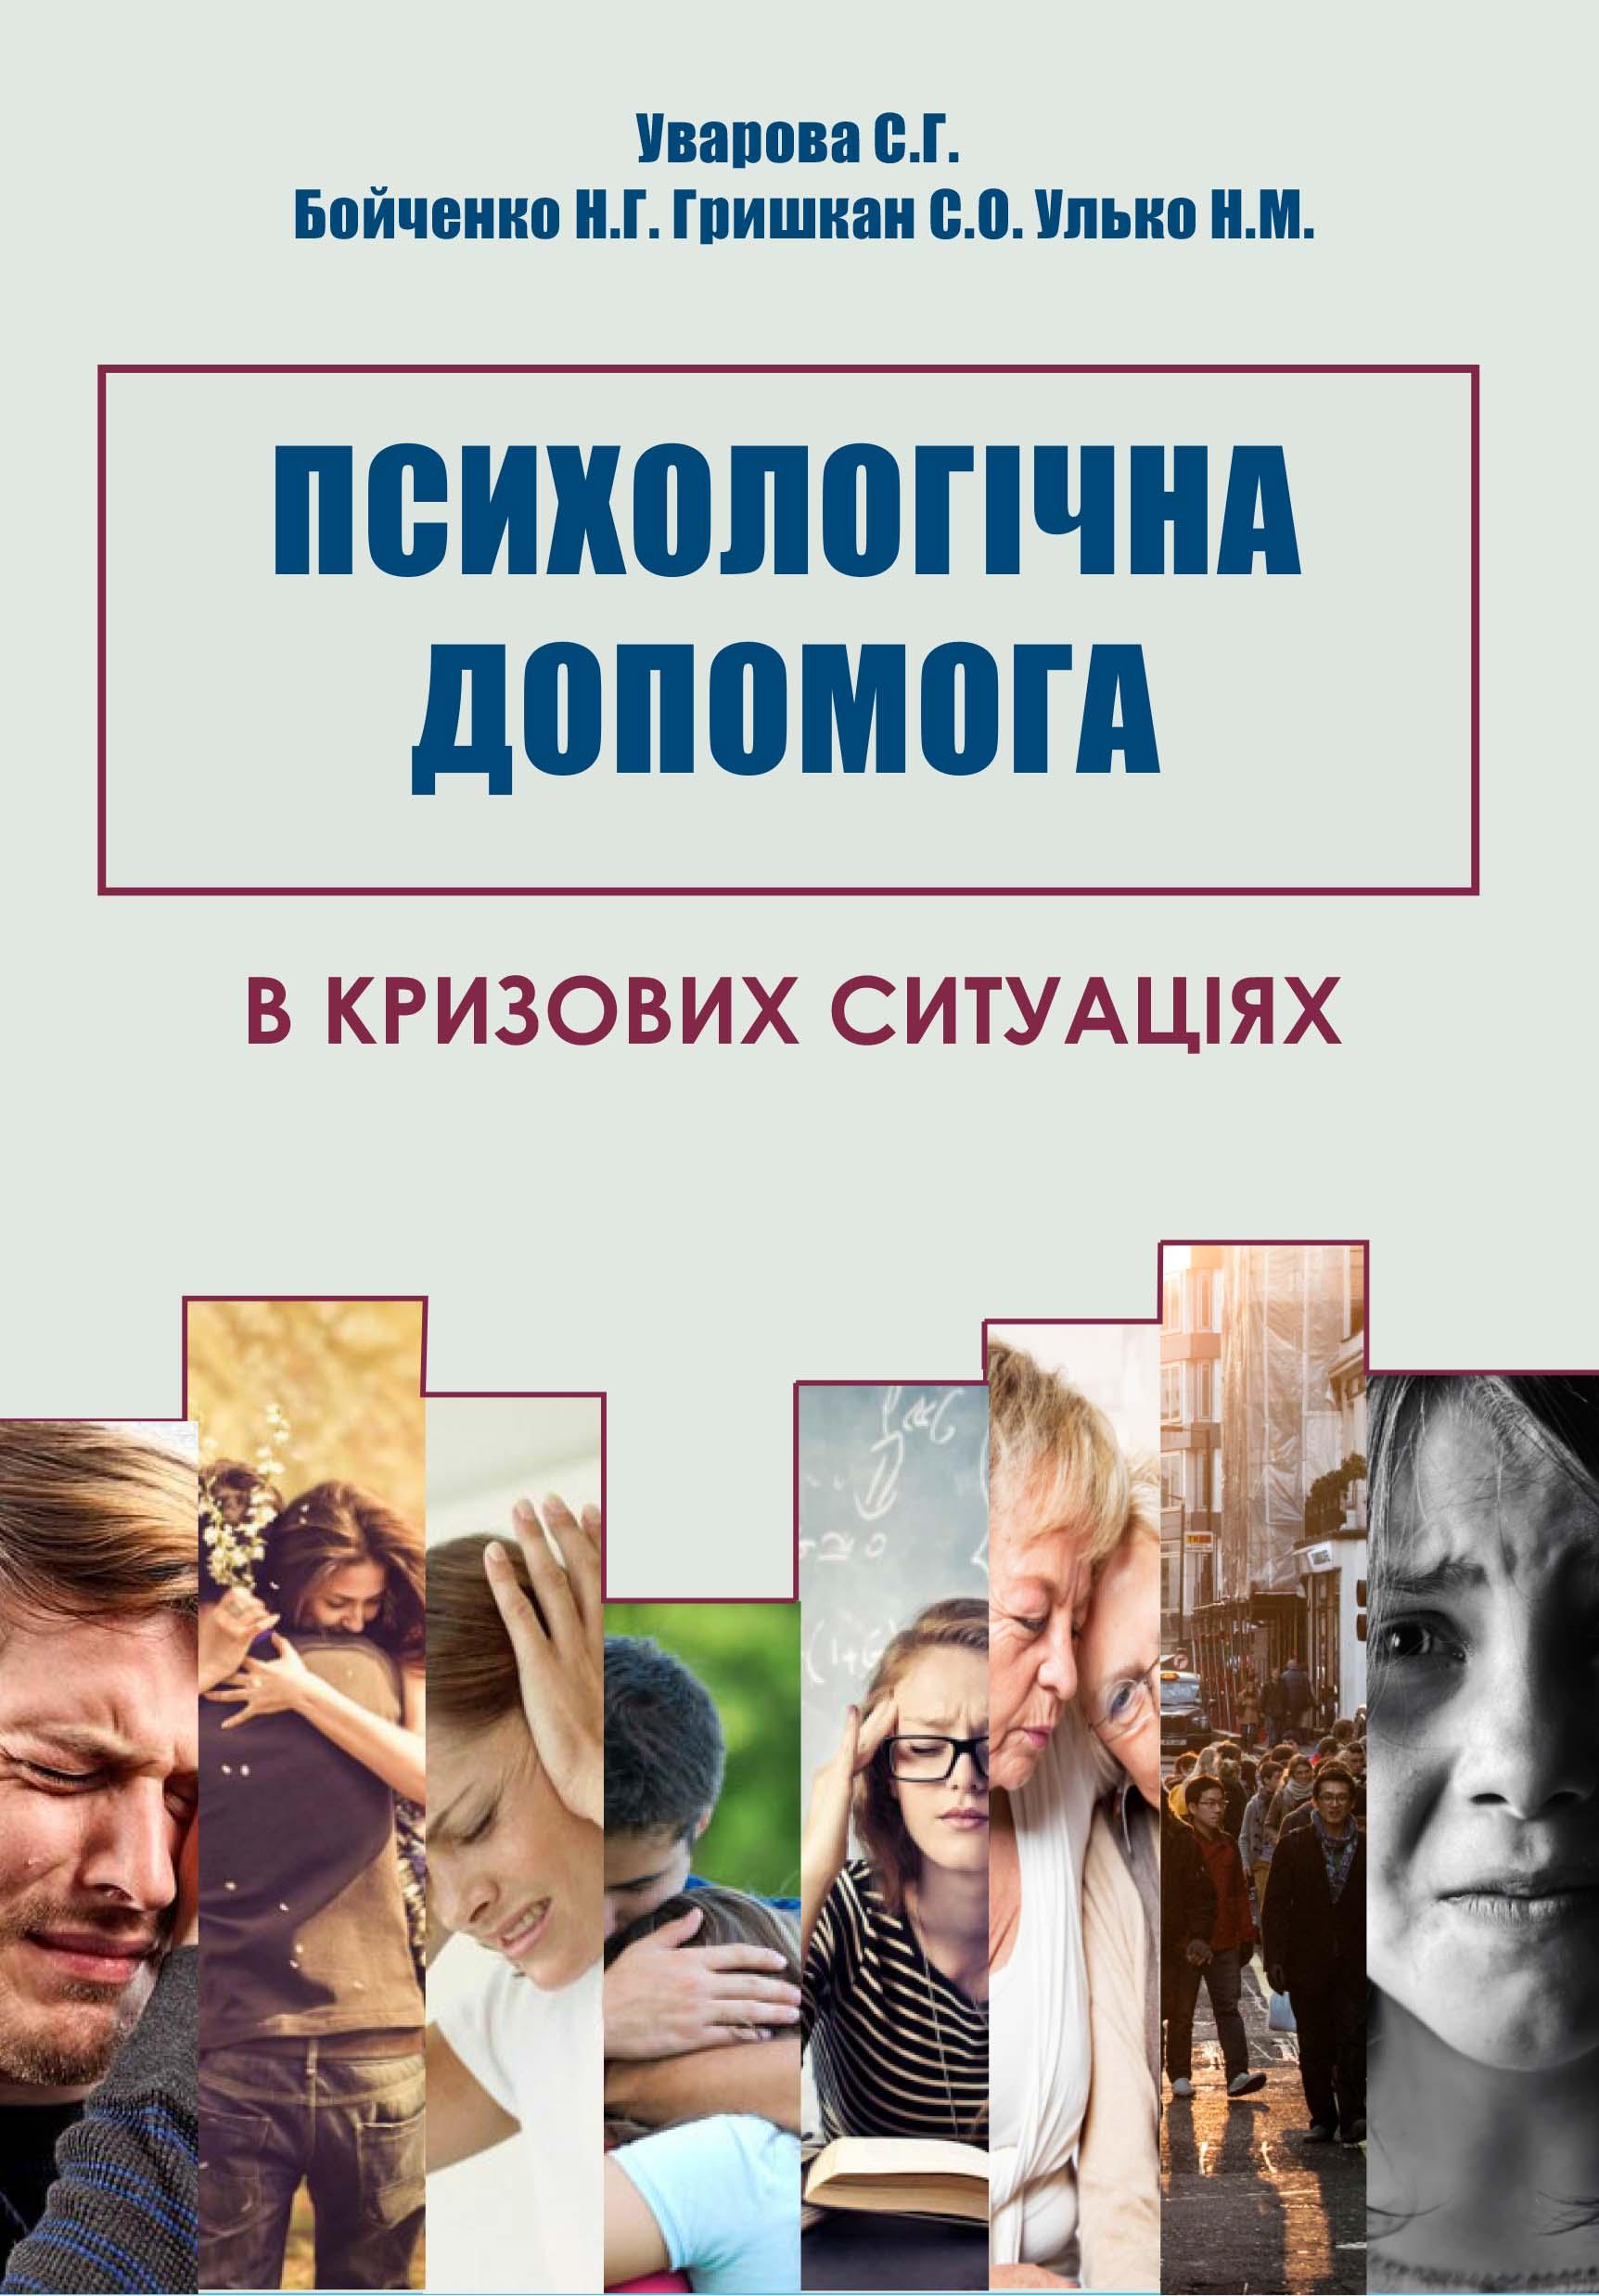 Обложка 9.cdr